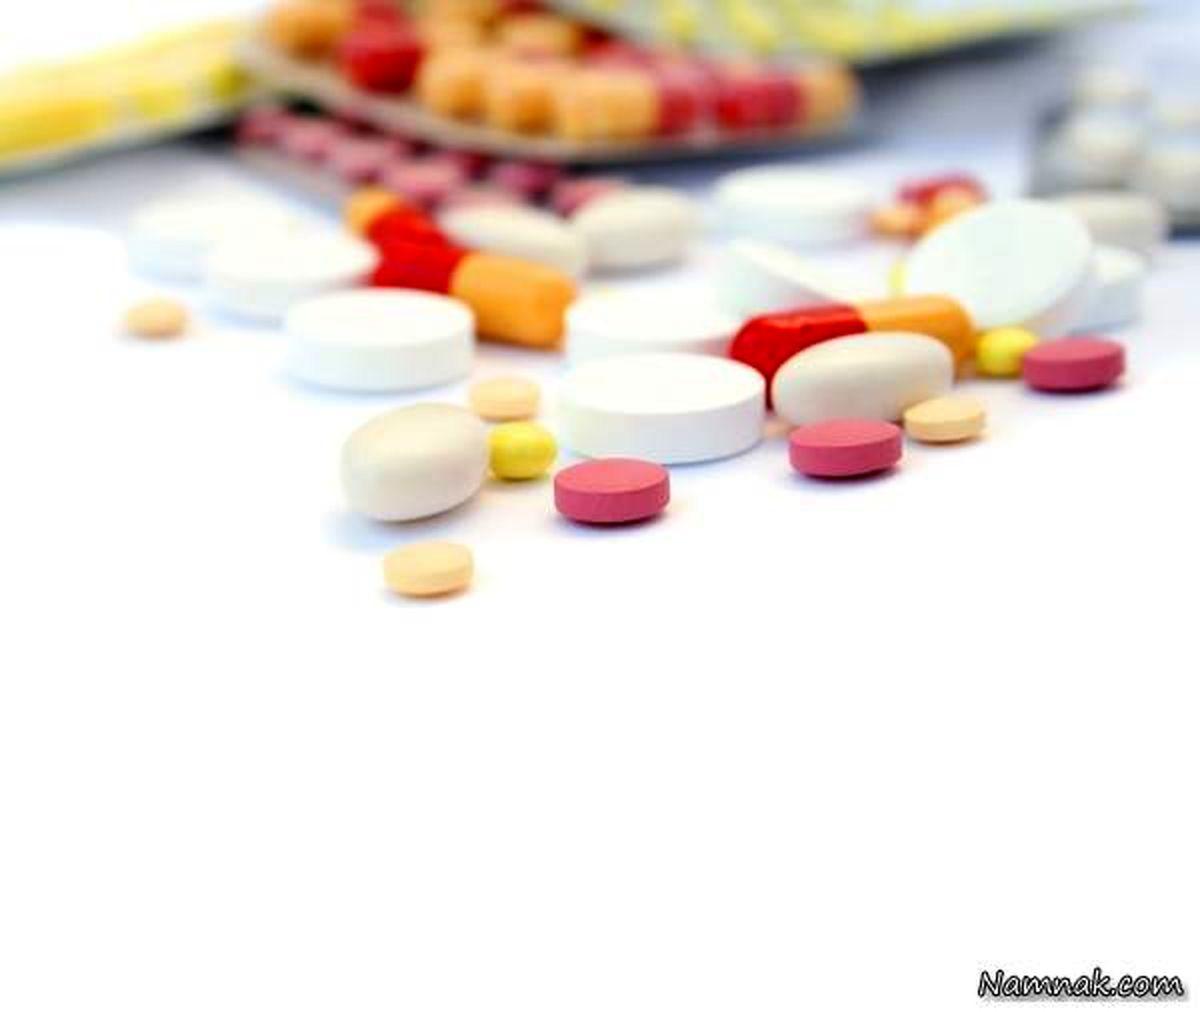 داروی متیل پردنیزولون چیست و عوارض چیست؟